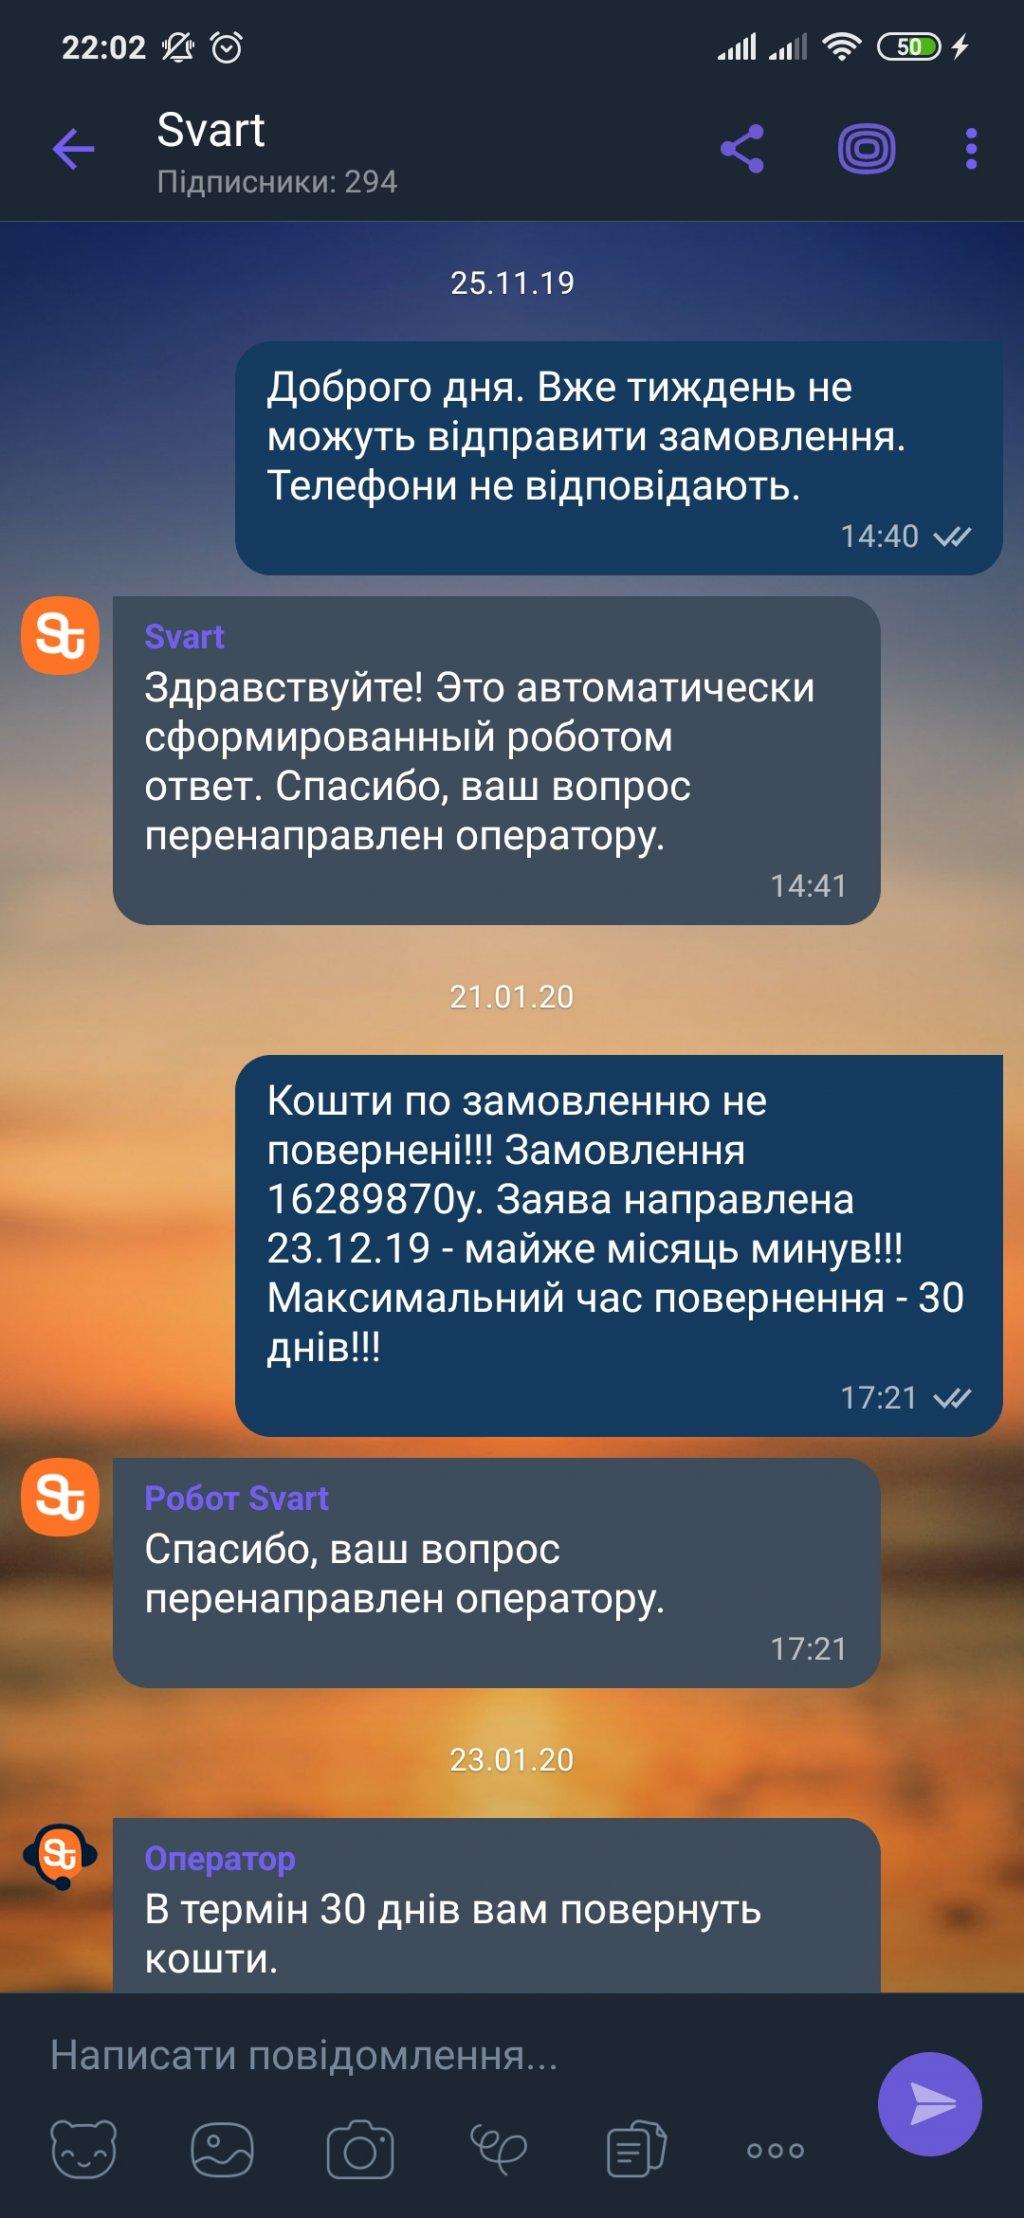 svart.ua интернет-магазин - Шахрайство та хамство